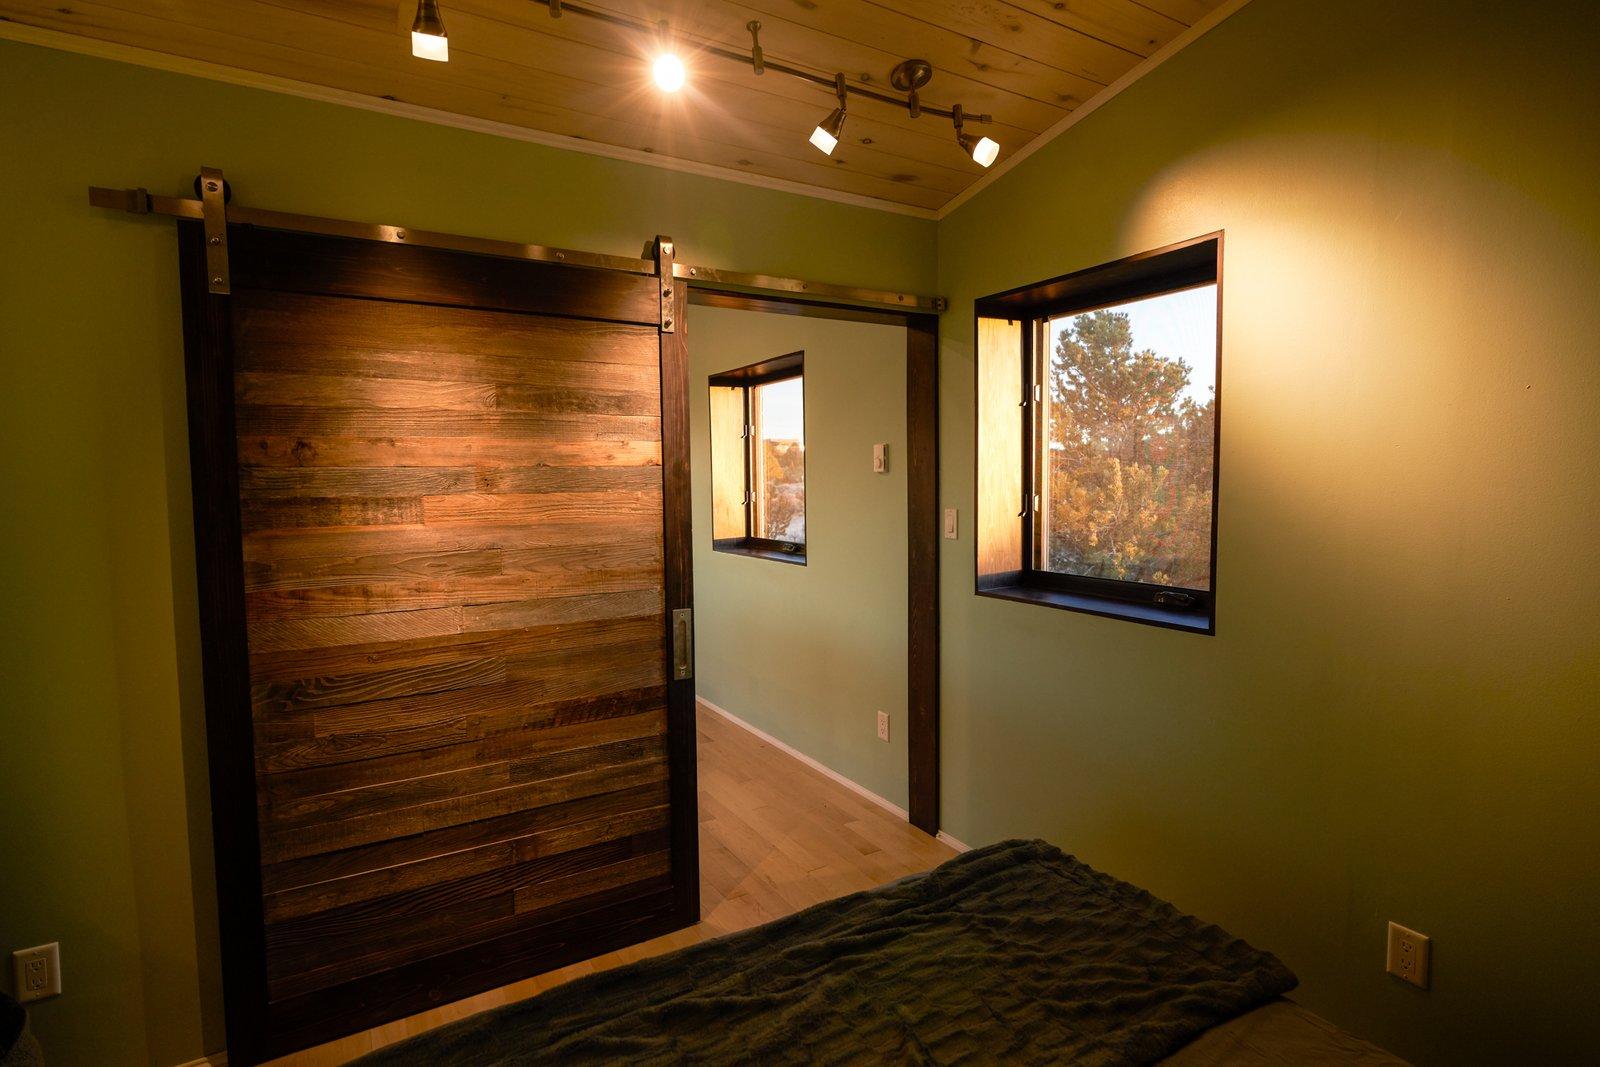 Bedroom and Light Hardwood Floor custom barn door built of reclaimed local wood  SkyNest by Joaquin Karcher